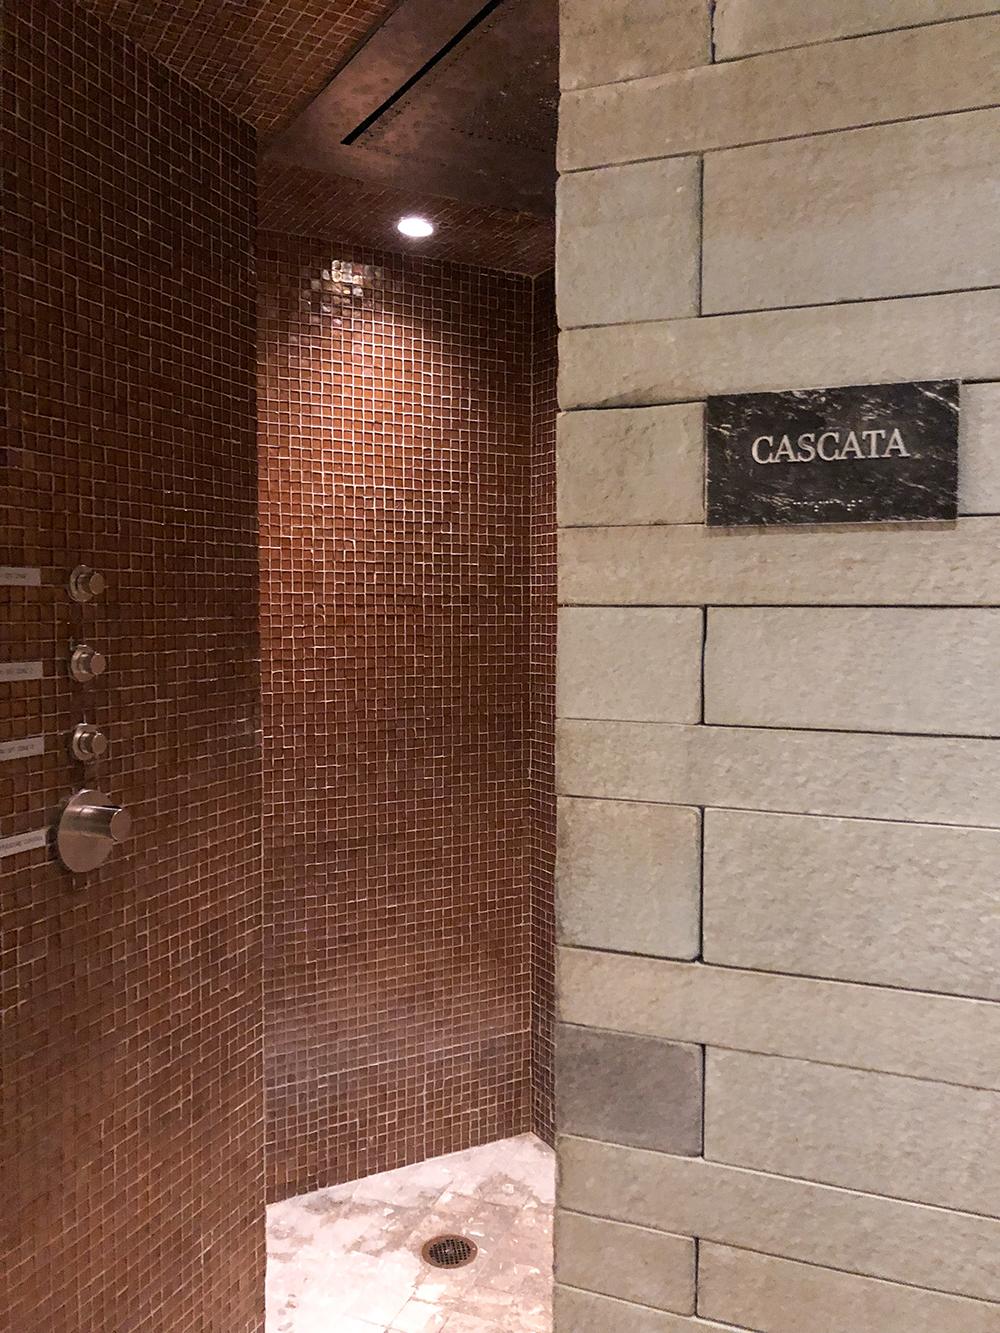 Cascata shower.jpg